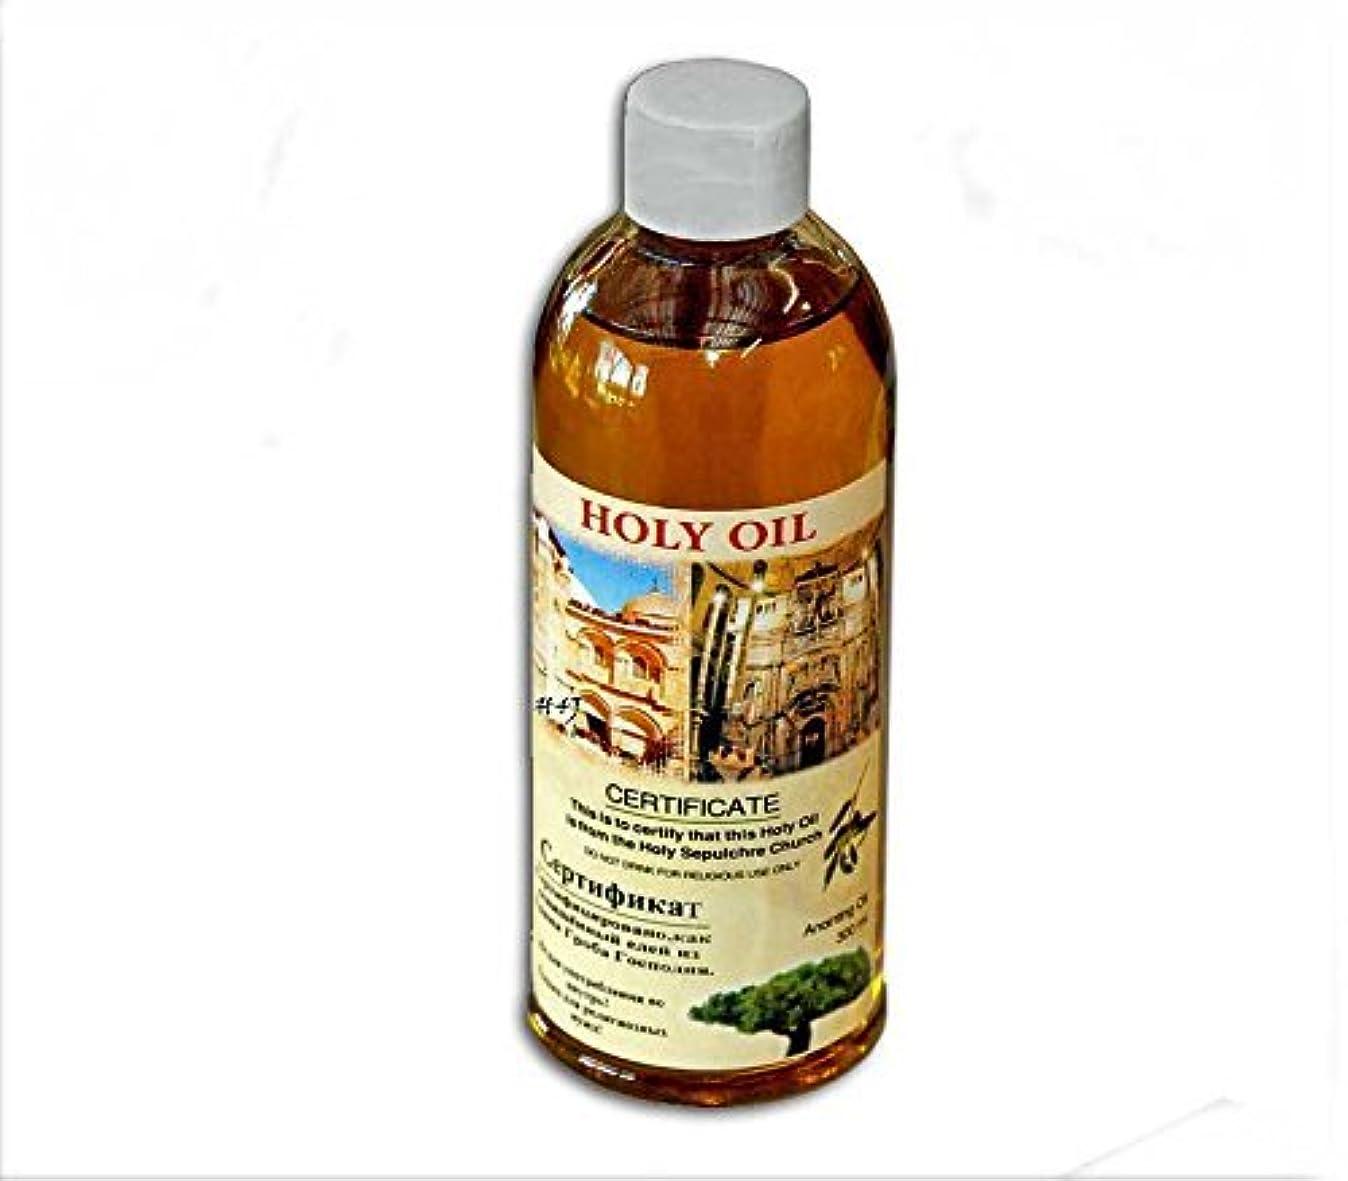 導出ジョガーあなたは60 ml Holy Land AnointingオイルCertificated Blessed小さなボトルからエルサレムbyベツレヘムギフトTM